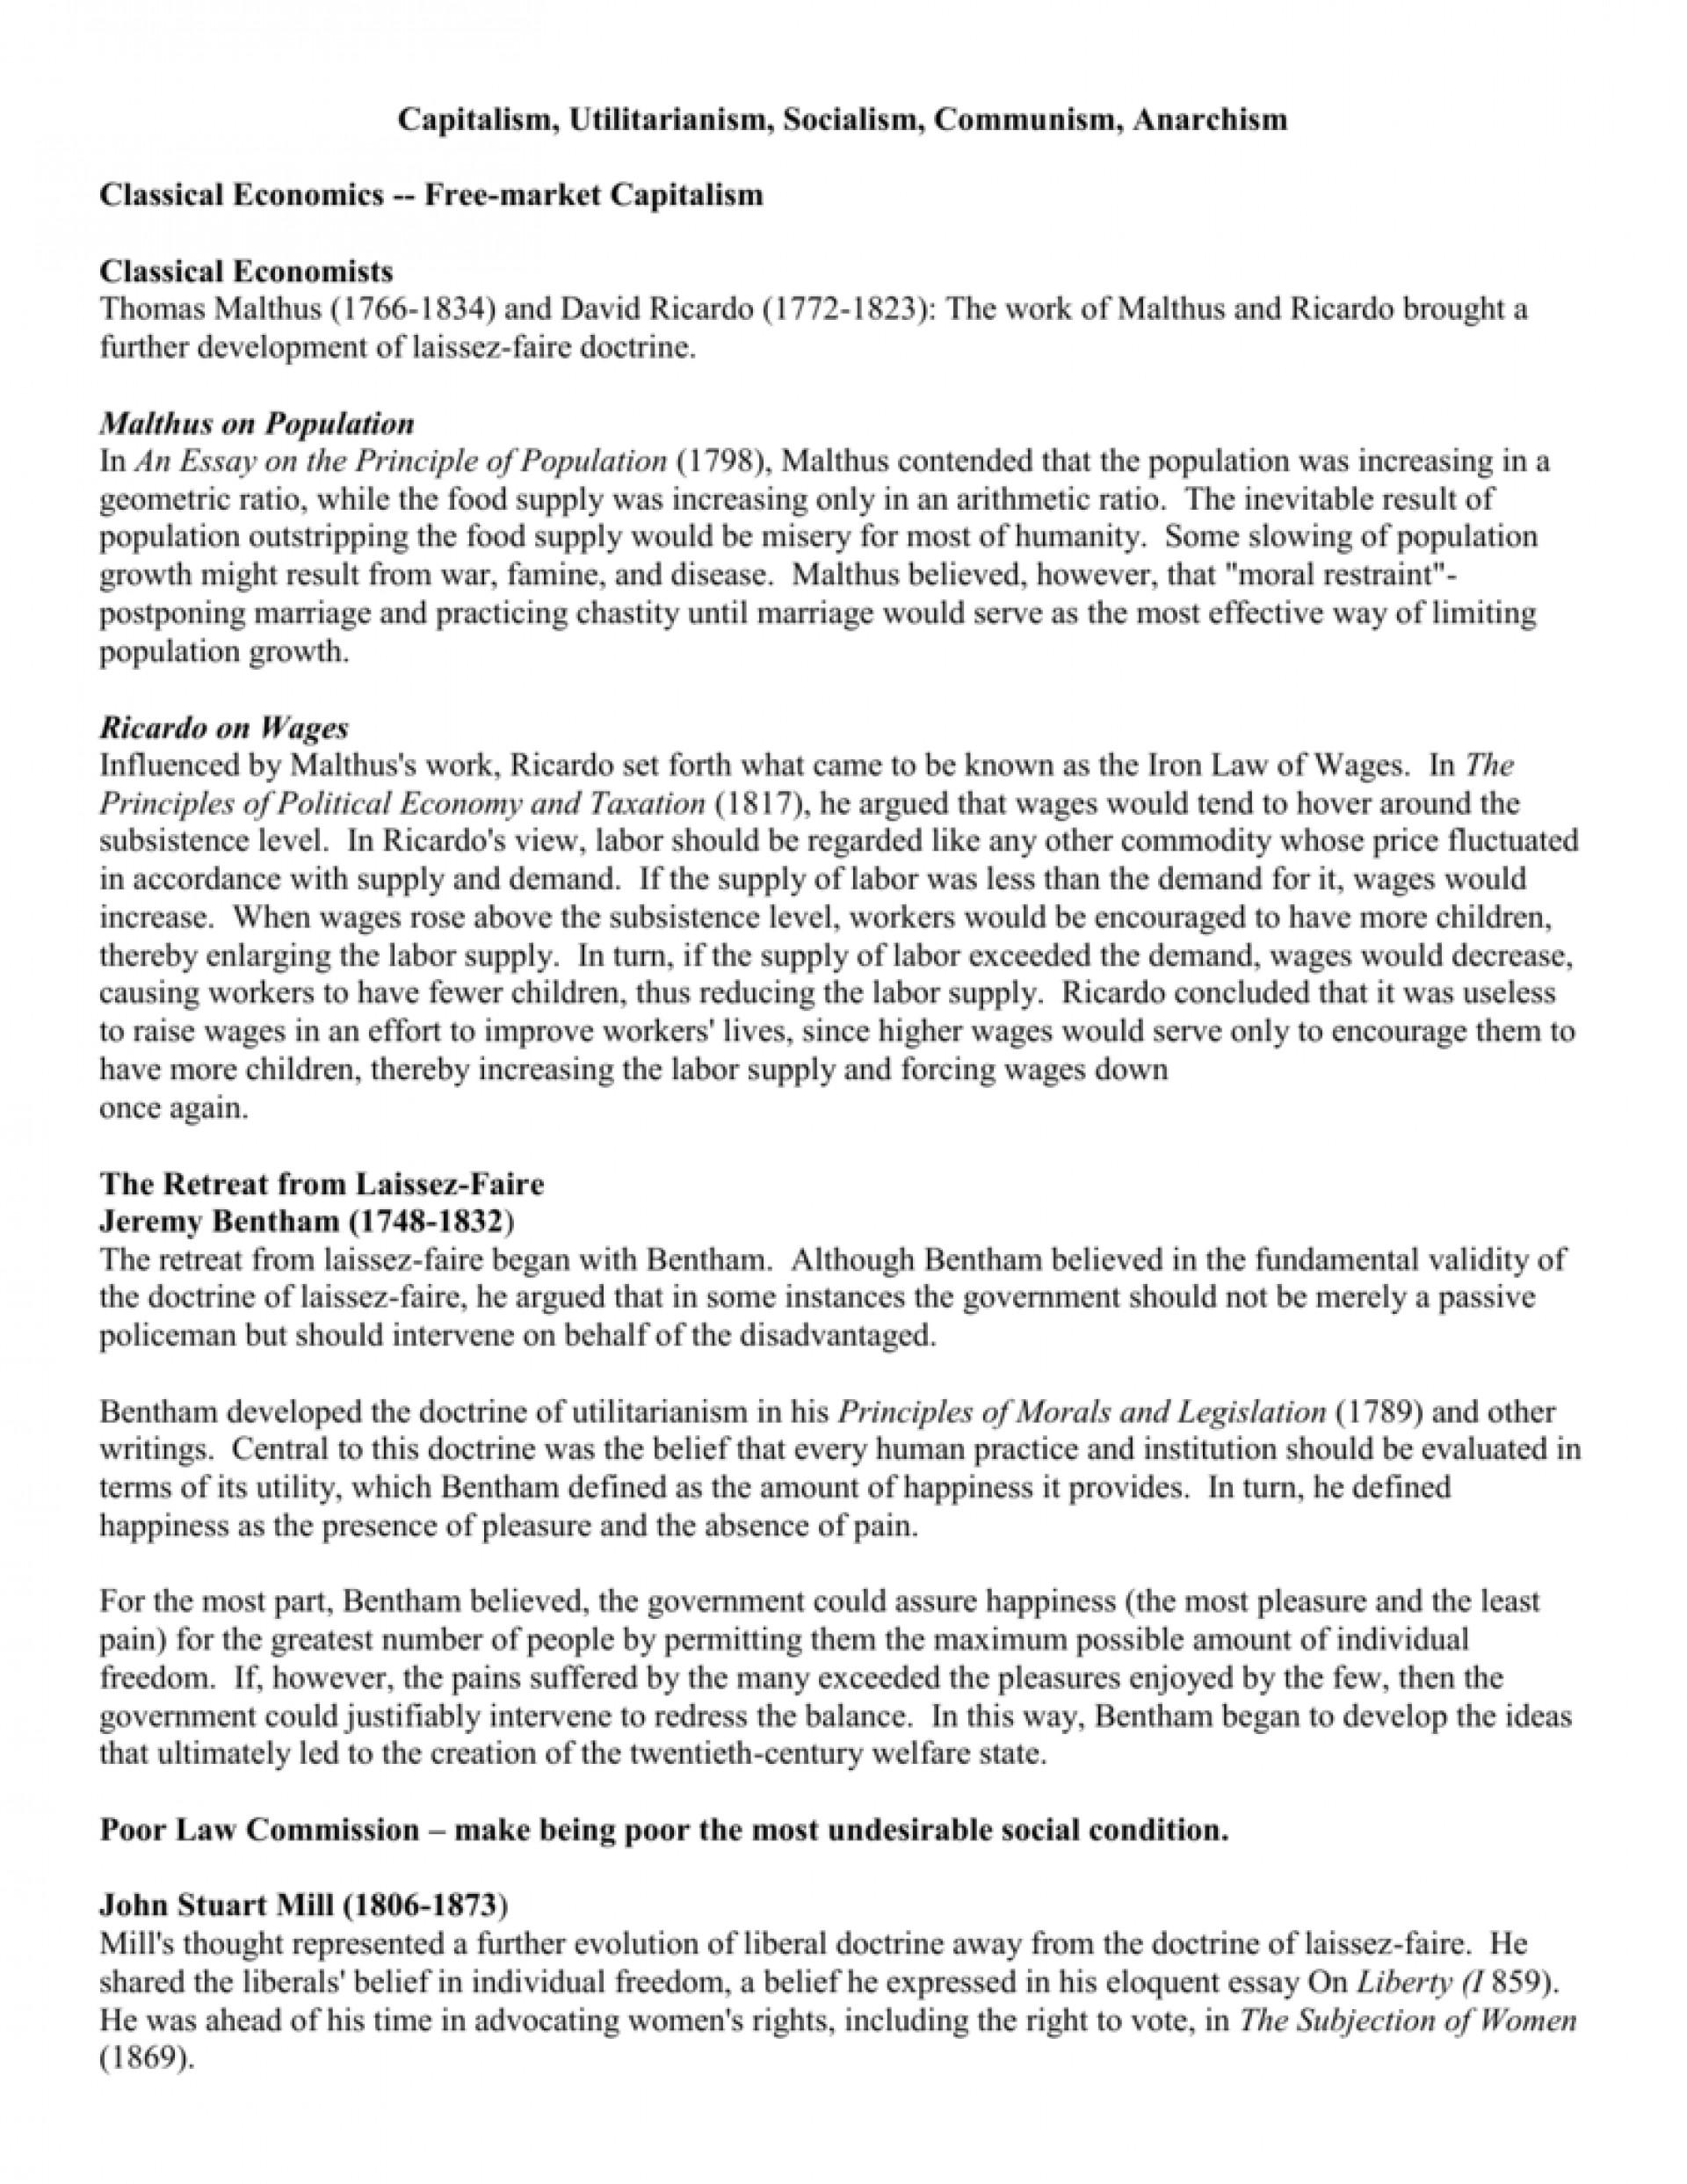 002 Essay Example Capitalism 008007925 1 Breathtaking Topics Question Pdf 1920